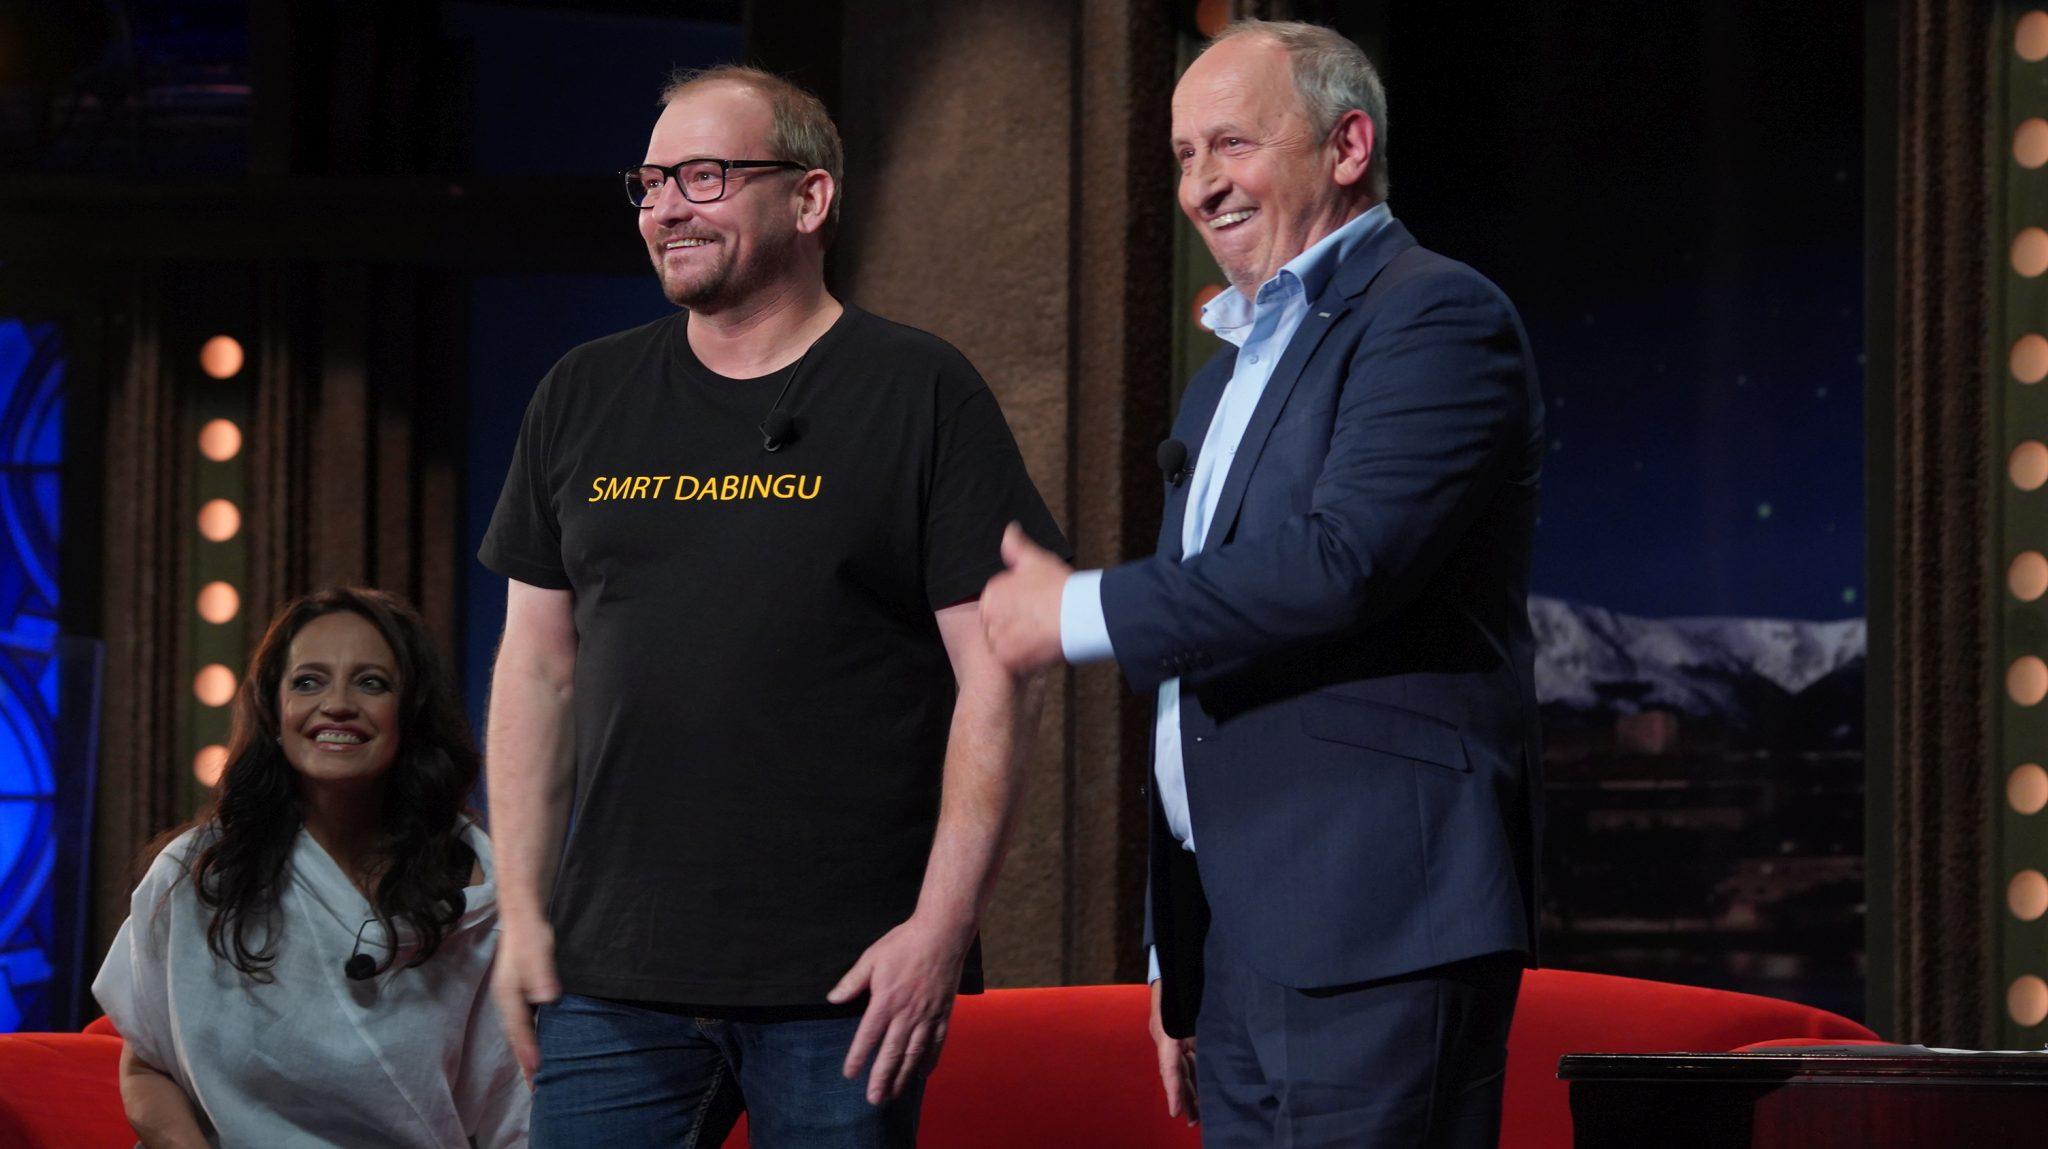 Herec Marek Taclík v SJK 9. 6. 2021, v pozadí zpěvačka Lucie Bílá